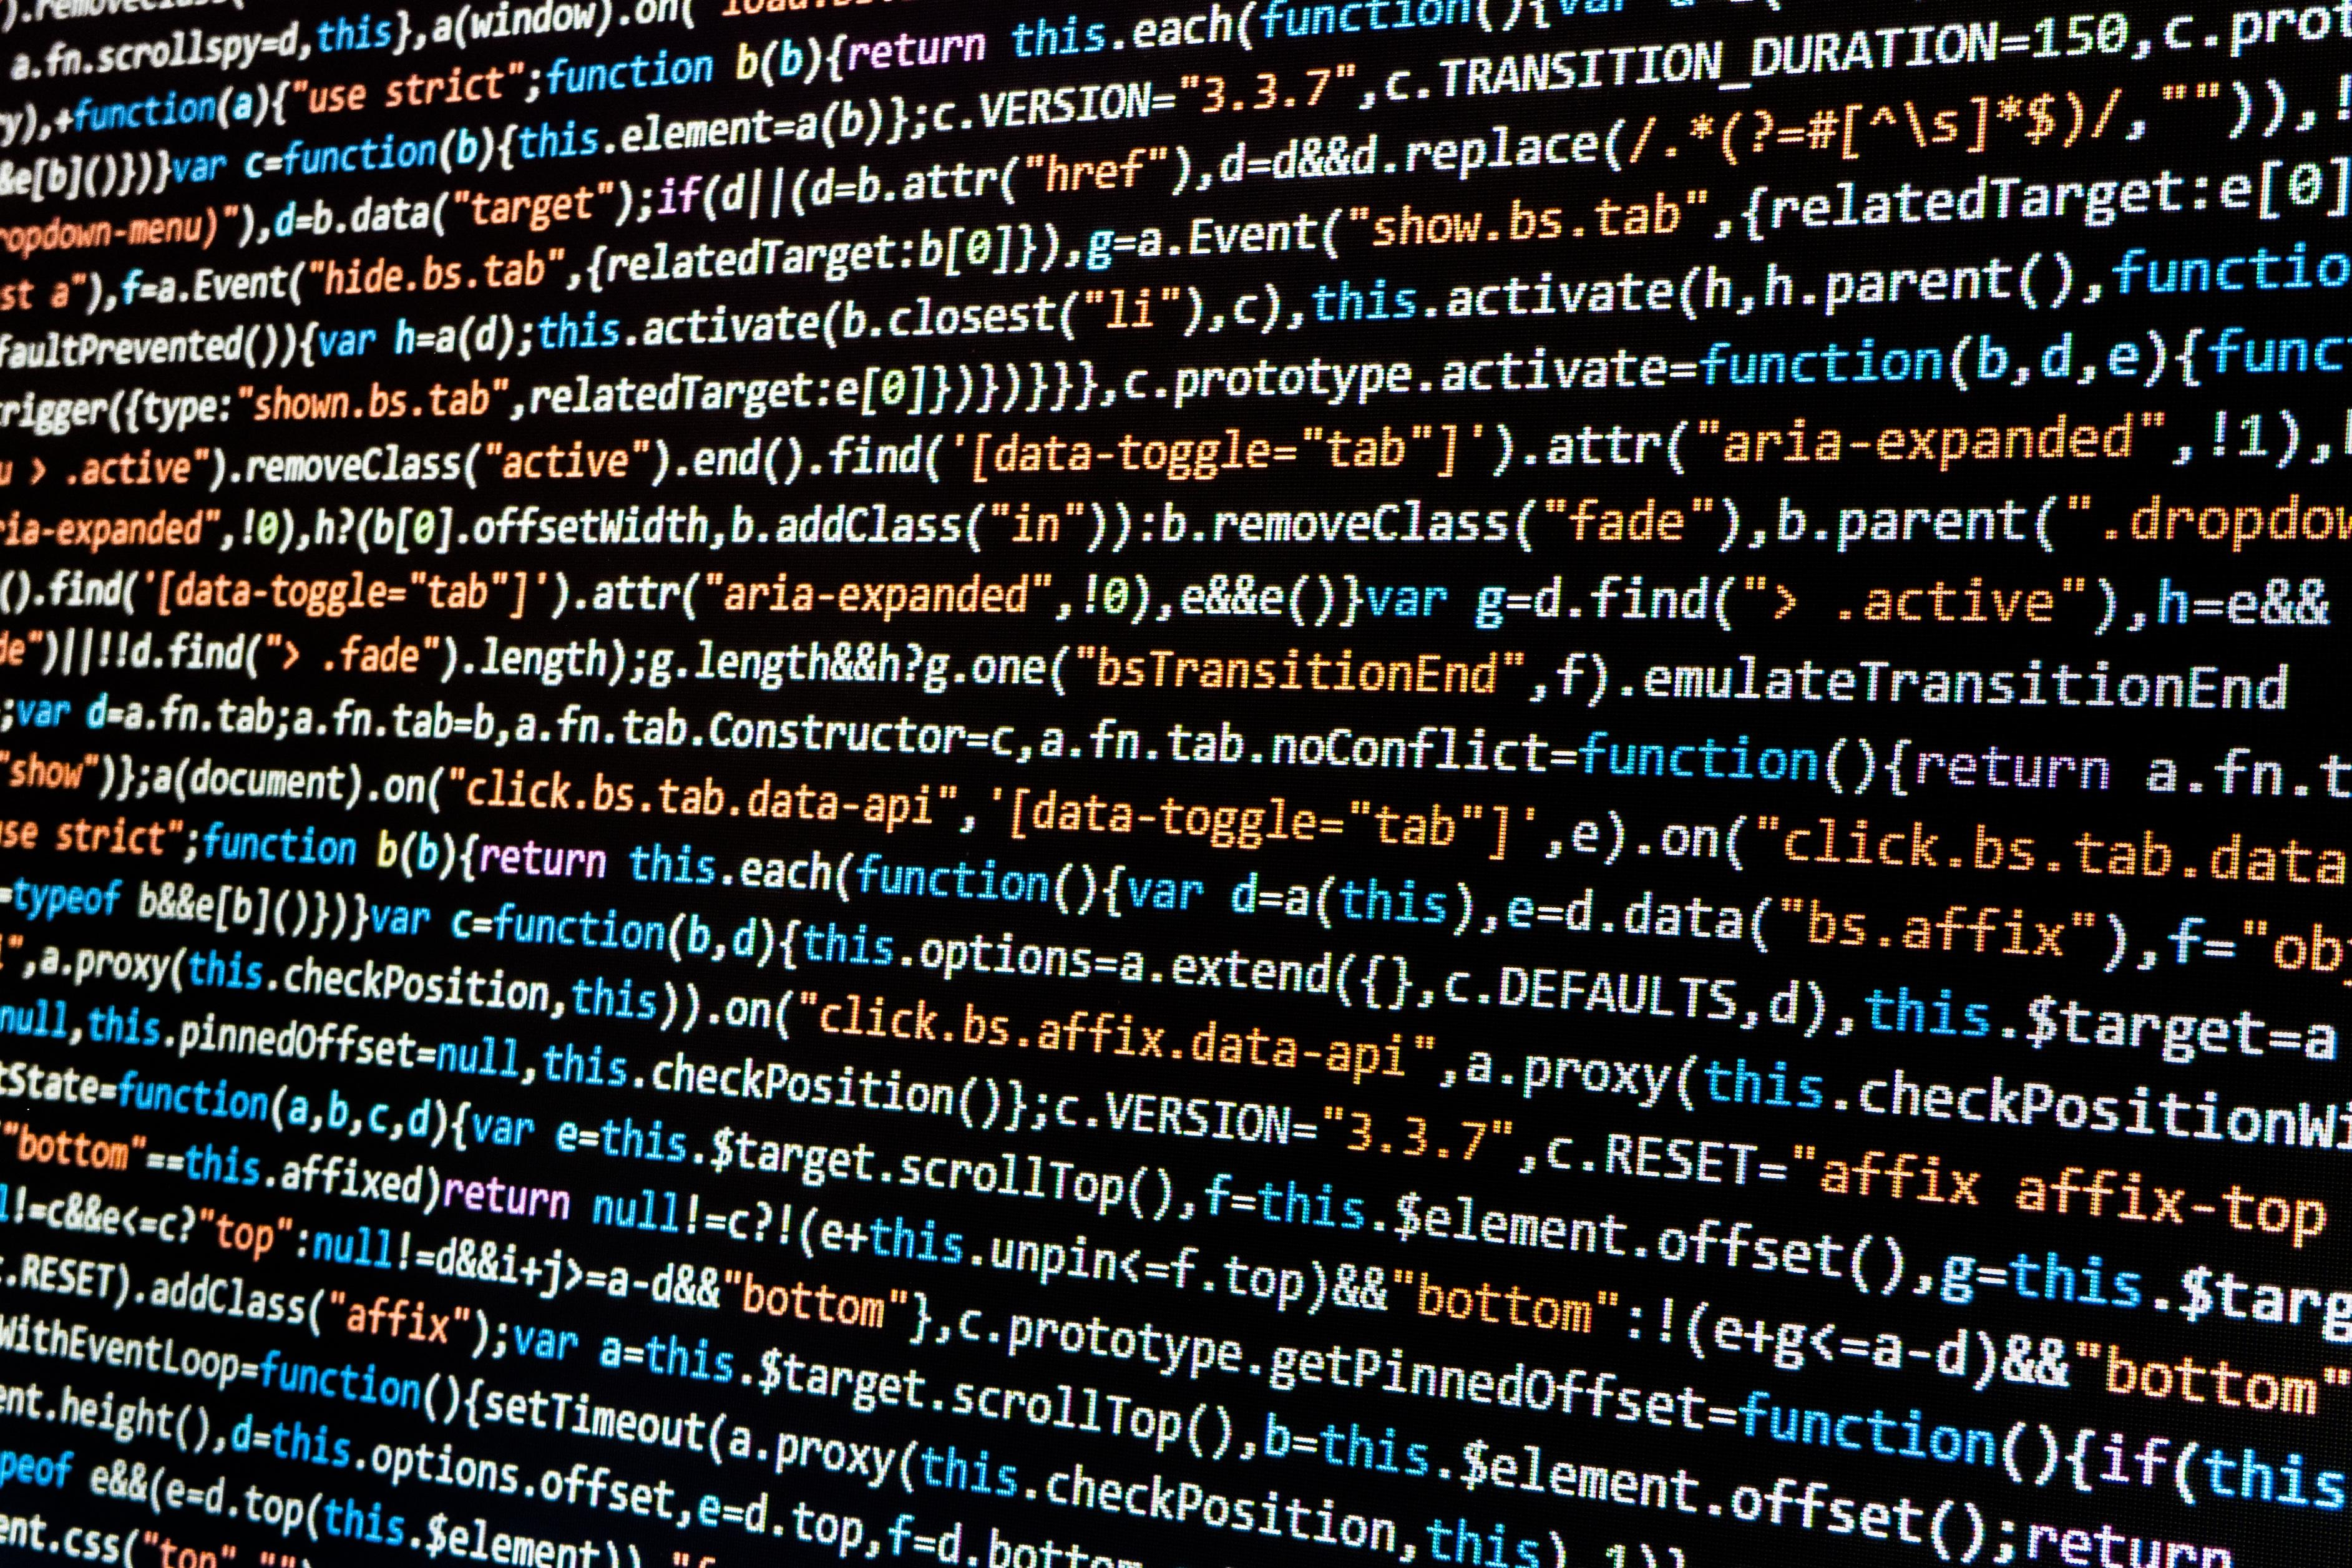 Los 5 lenguajes de programación más demandados en 2018   Los 5 lenguajes de programación más demandados en 2018 LenguajeProgramaci  n